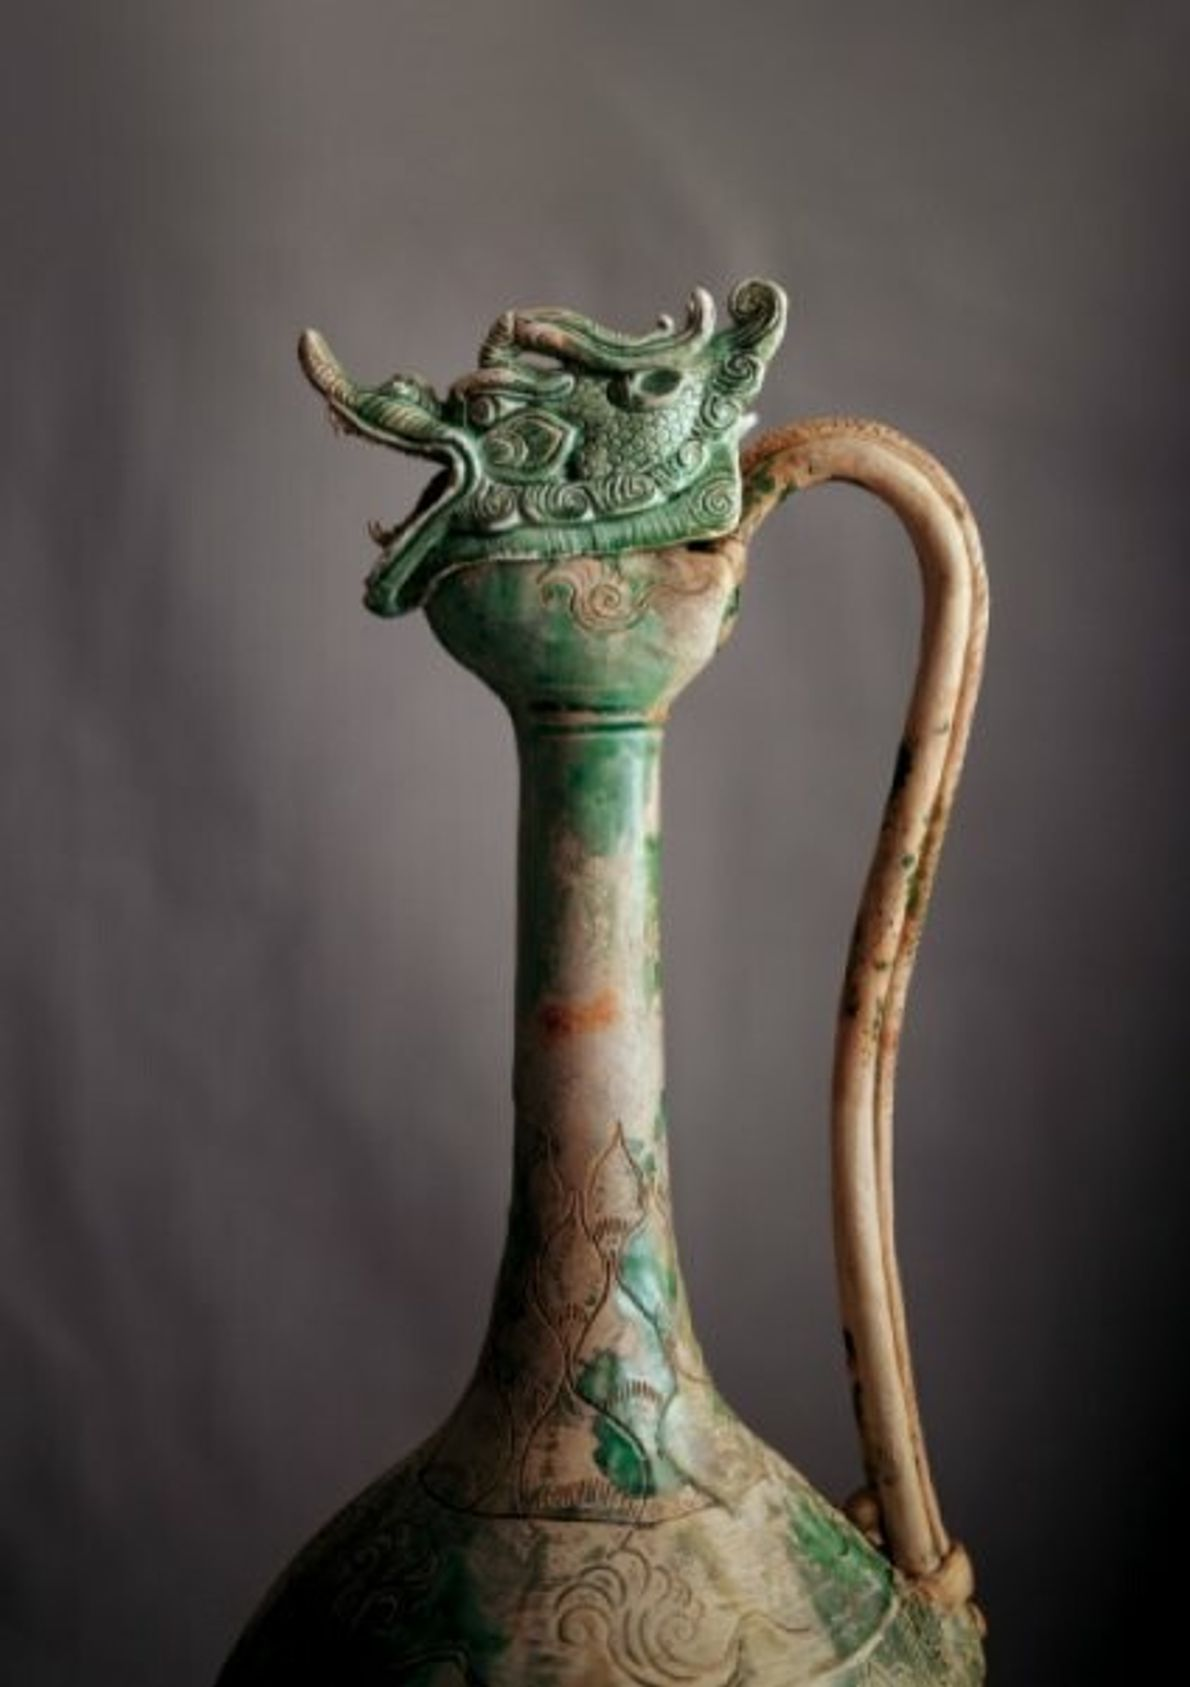 Ce sublime bouchon à tête de dragon pourrait être le bouchon d'origine de cette aiguière décorative ...